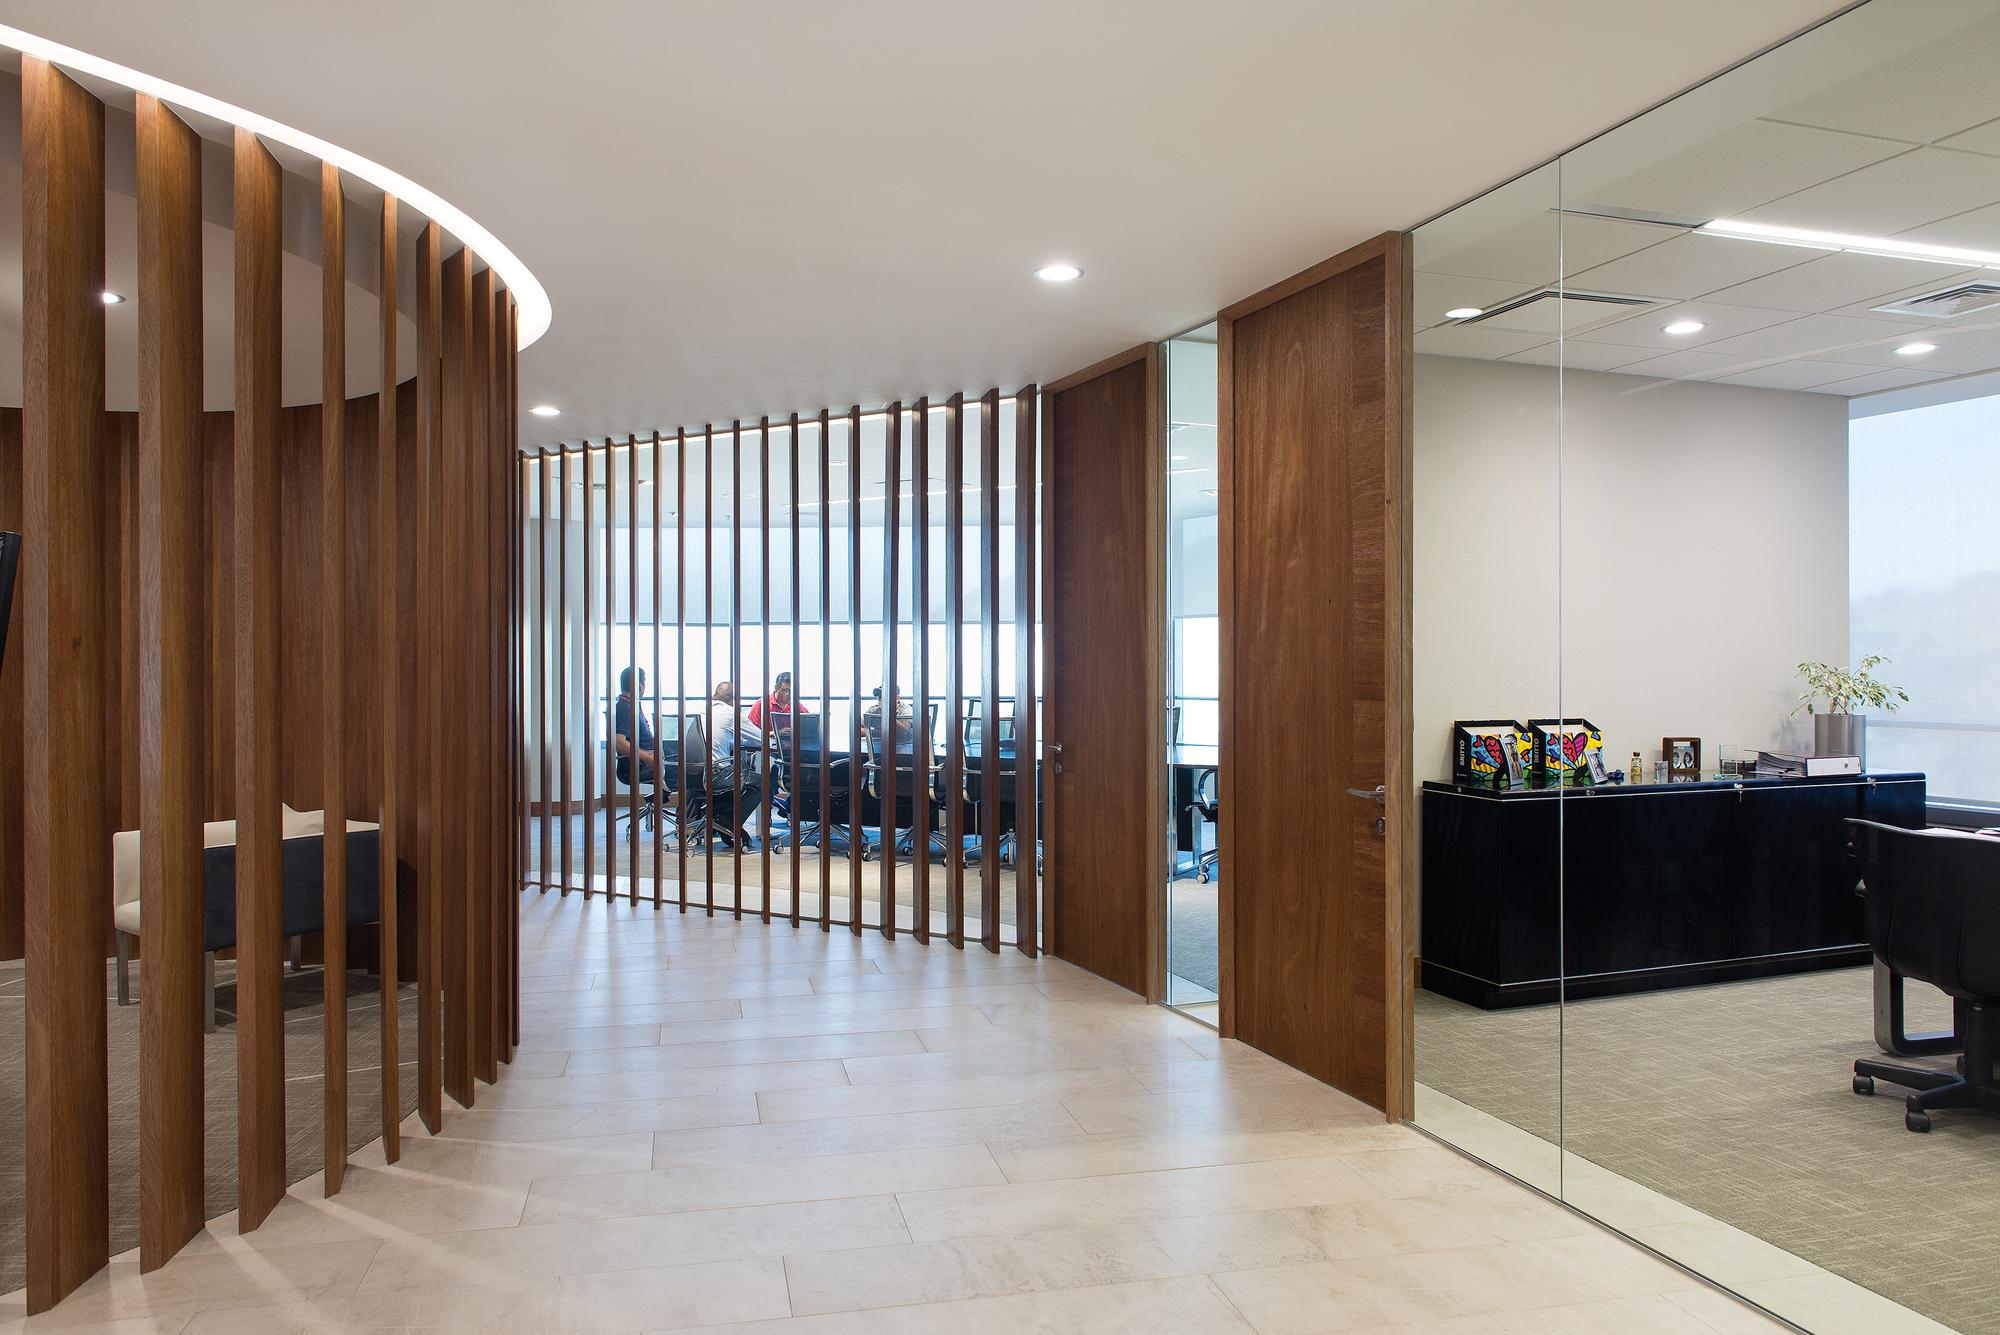 Interiorismo Oficinas Piso 17 Parque Titanium / Marsino Arquitectura ...